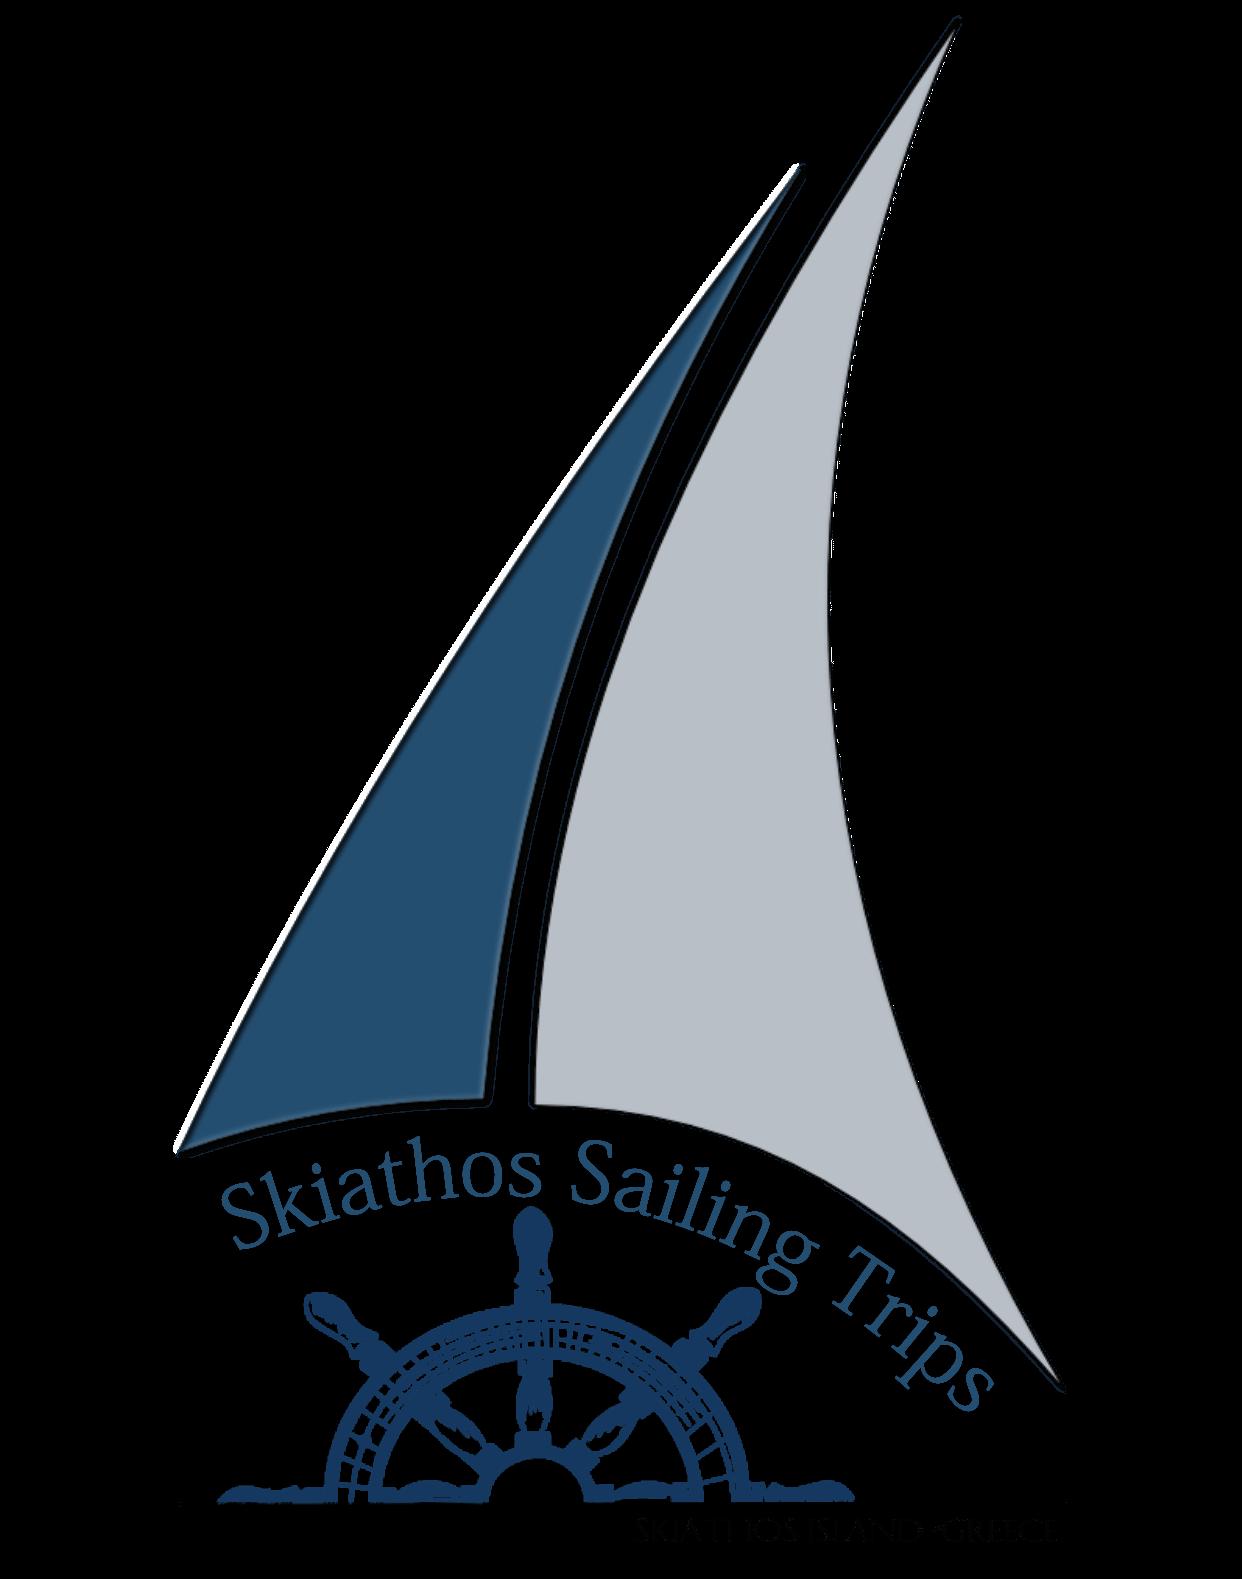 Skiathos Sailing Trips